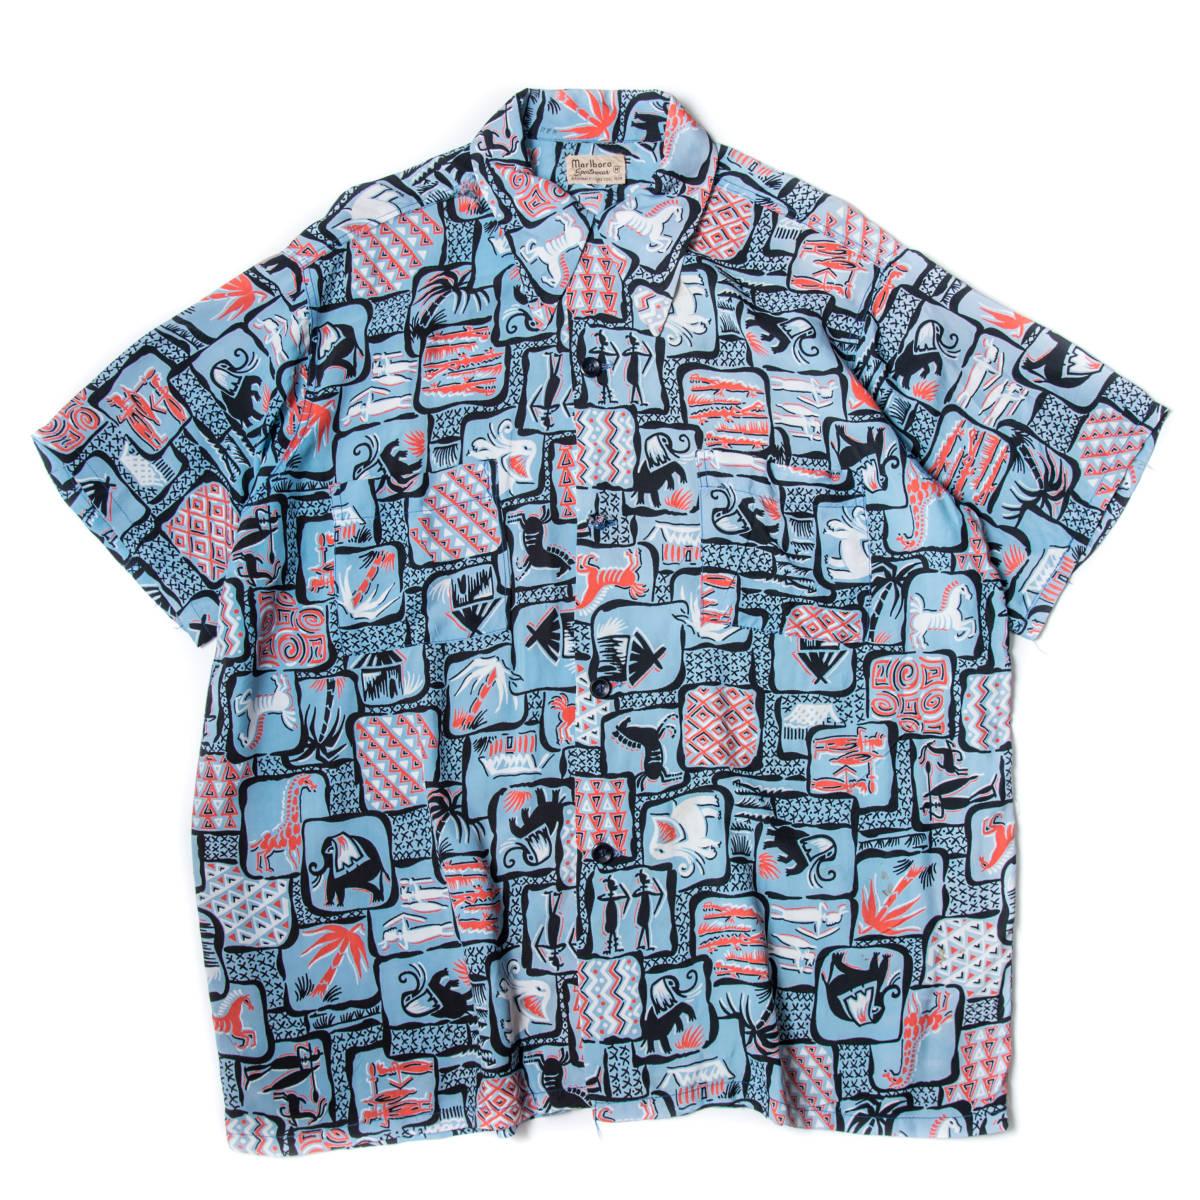 柄良し 50s Marlboro アニマル柄 レーヨン ハワイアン シャツ / ビンテージ アロハシャツ パネル 半袖 総柄 柄 シャツ ロカビリー 40s